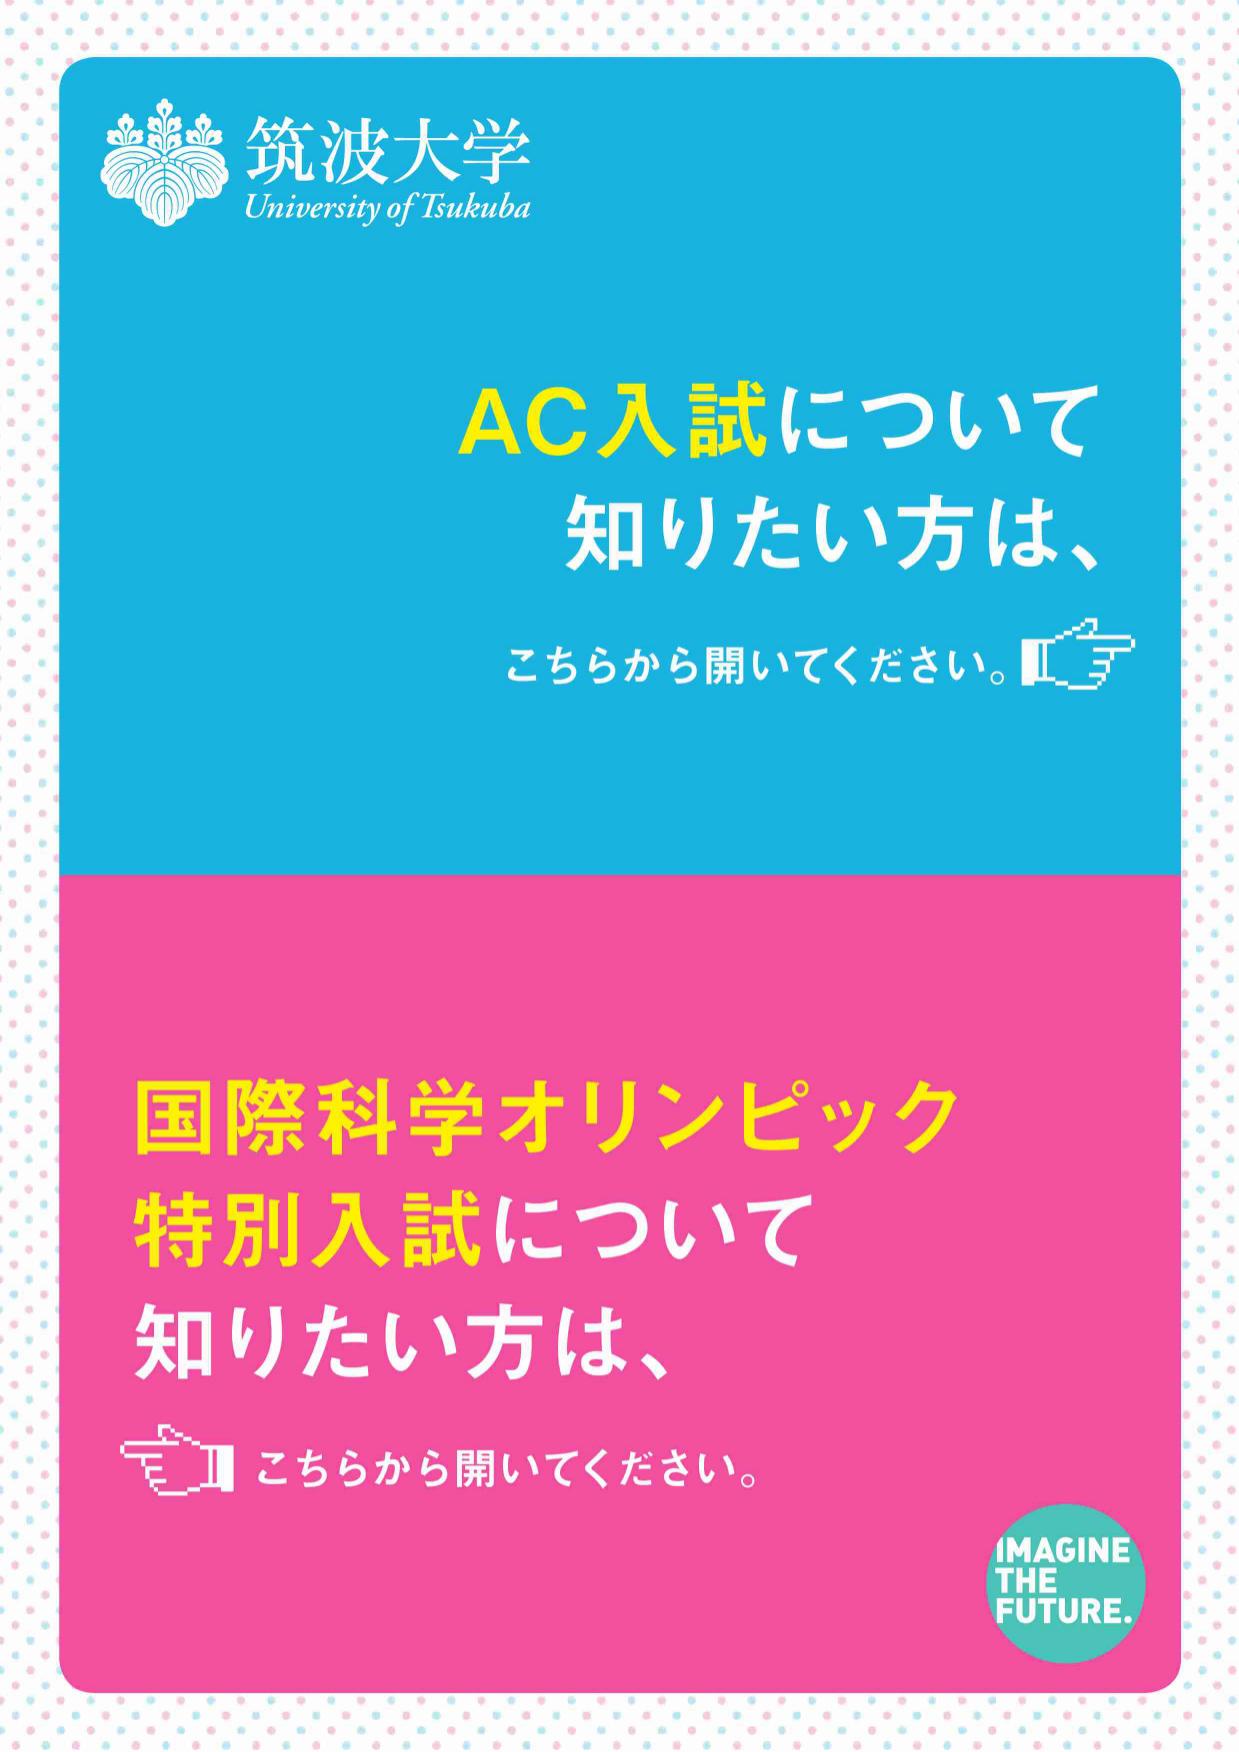 AC入試リーフレット 平成26年度版1